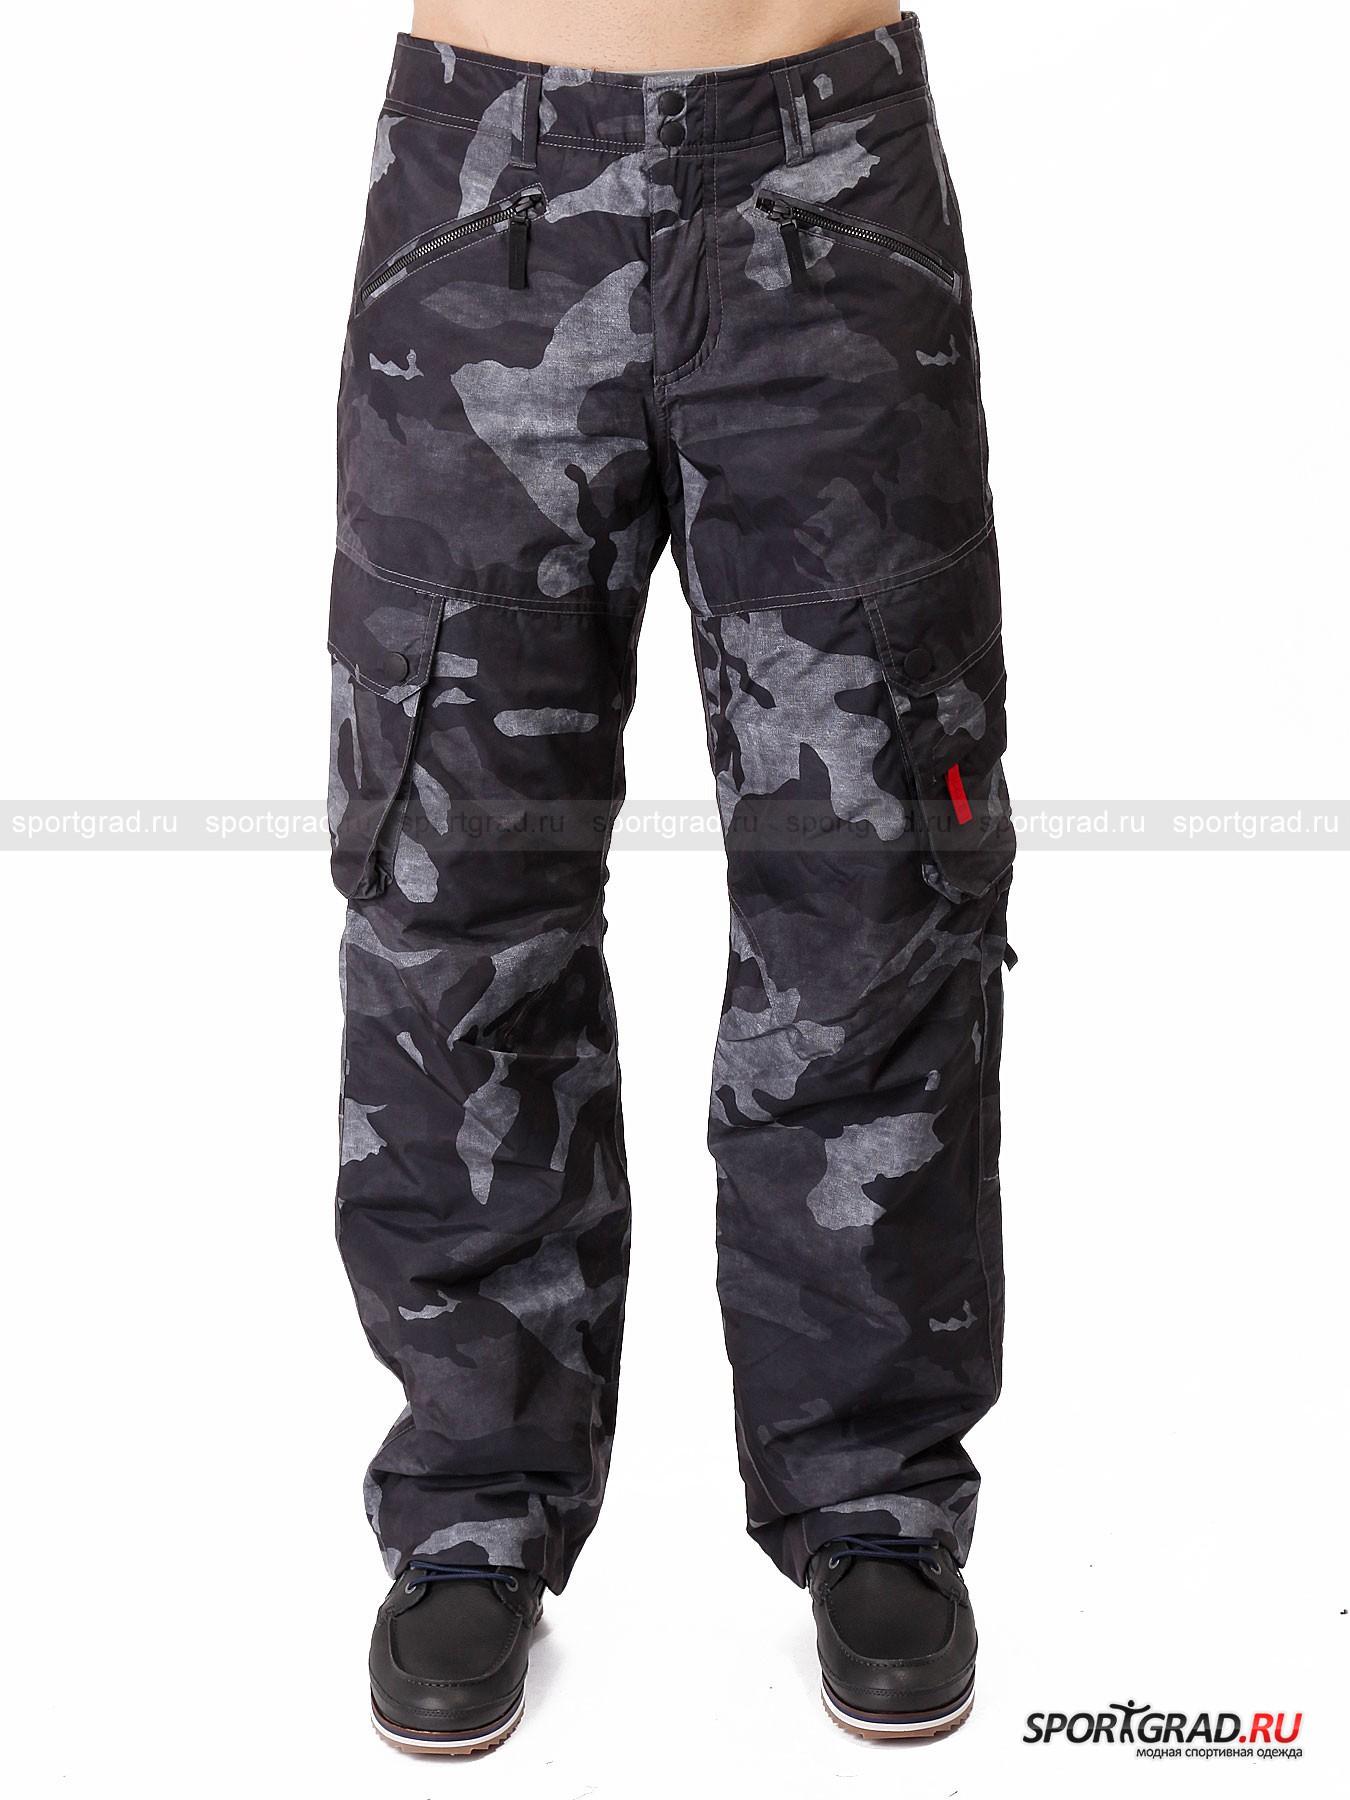 Брюки мужские горнолыжные Clas FIRE&amp;ICEБрюки<br>Одежда немецкой марки Bogner Fire+Ice отличается стильным эксклюзивным дизайном и великолепным качеством материалов и покроя. Относится это не только к «городской» линейке, но также к коллекции для горнолыжного спорта, и представленные на этой странице брюки Clas тому подтверждение. <br><br>Штаны по всей поверхности имеют модный «камуфляжный» принт, выполненный в нестандартных для такого рисунка черно-серых цветах. Широкий прямой крой штанин гарантирует комфорт  и полную свободу движений. Брюки защищают от воды и ветра и прекрасно удерживают тепло тела.<br><br>Особенности модели:<br>- влагоудержание 10000 мм водяного столба;<br>- возхдухопроницаемость 10000 г/км. м/24 часа;<br>- накладные карманы-карго на штанинах;<br>- спереди еще два кармана на молниях, а сзади два на кнопках;<br>- петли для ремня;<br>- застежка-молния и две кнопки;<br>- снегозащитные манжеты и молния внизу штанин.<br><br>Пол: Мужской<br>Возраст: Взрослый<br>Тип: Брюки<br>Рекомендации по уходу: деликатная стирка до 30 С; не отбеливать; гладить при температуре до 110 С; щадящая химическая чистка; нельзя сушить в стиральной машине<br>Состав: 100% полиамид; наполнитель 100% полиэстер